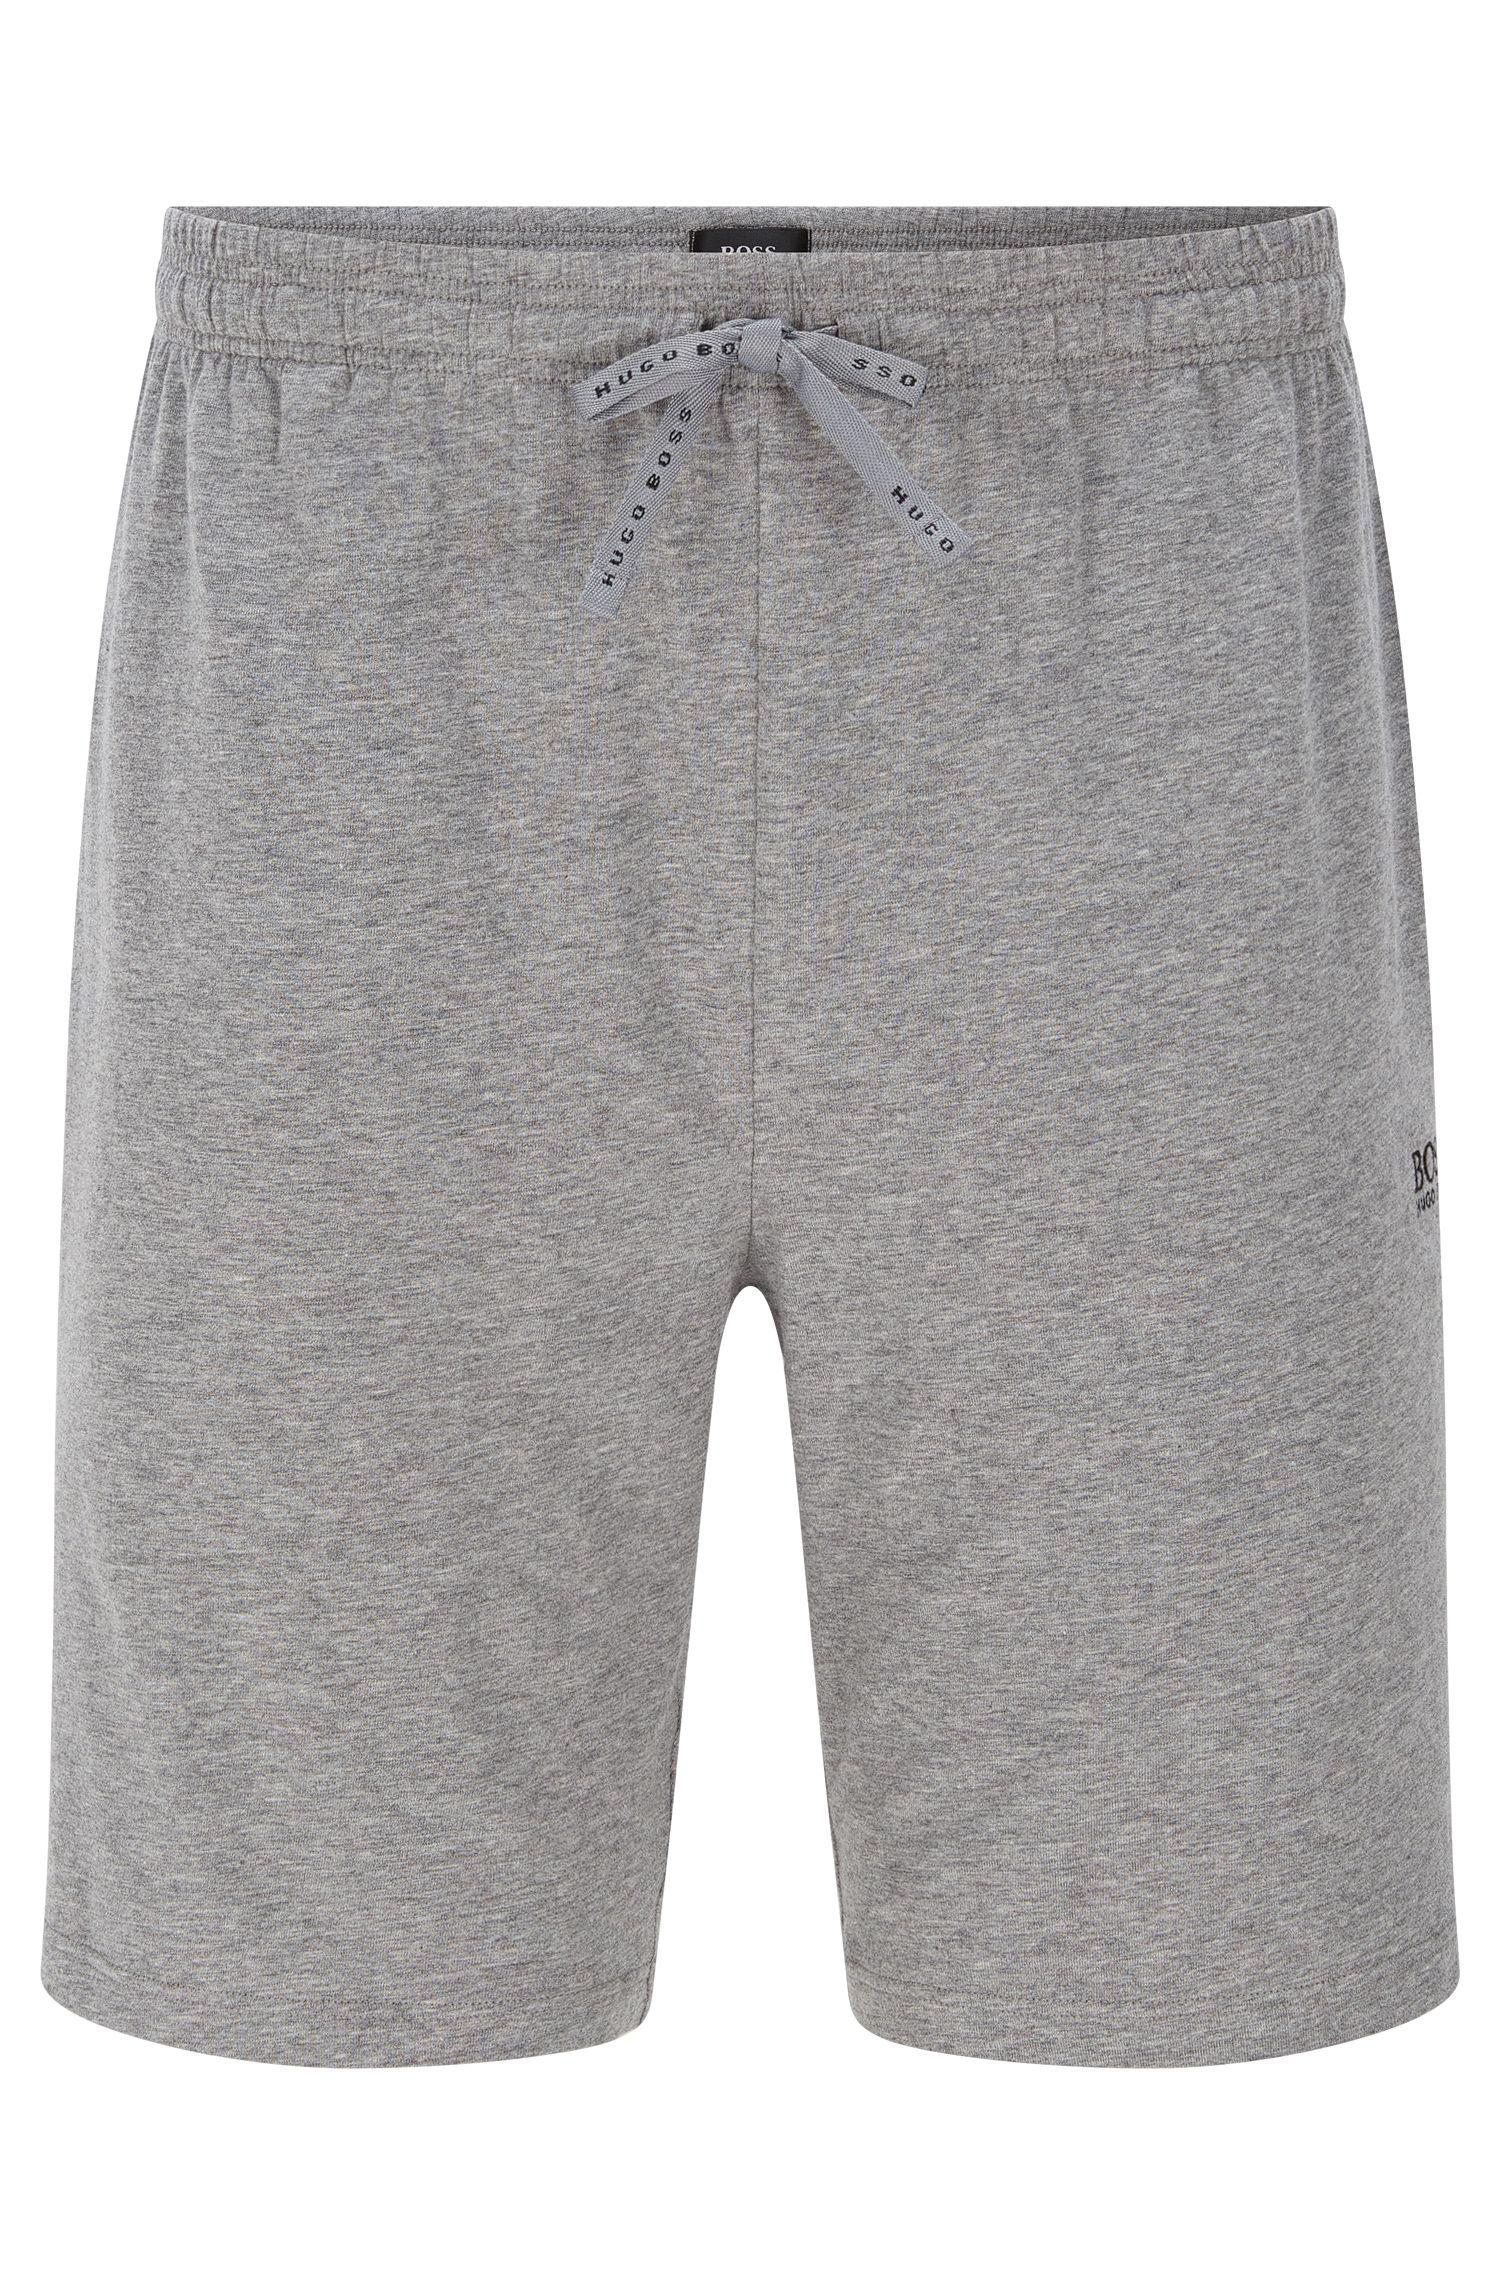 Pantaloncini corti in cotone elasticizzato: 'Short Pant CV'